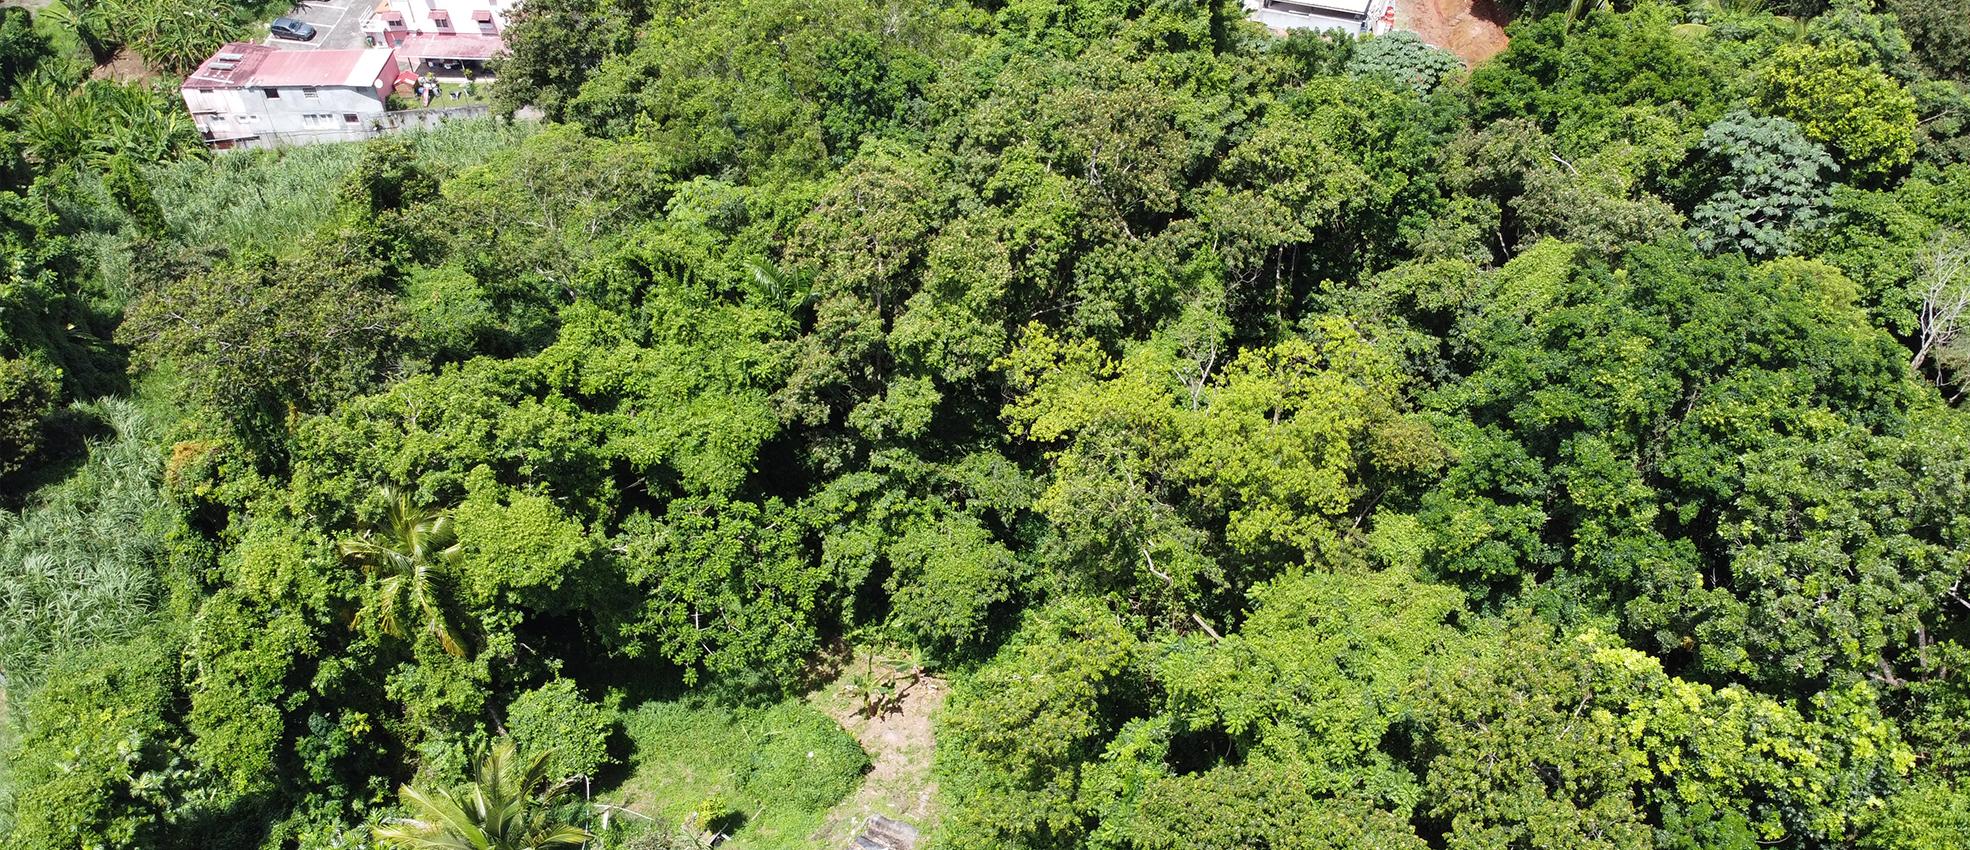 TERRAIN 5475m2 RAVINE VILAINE FORT-DE-FRANCE